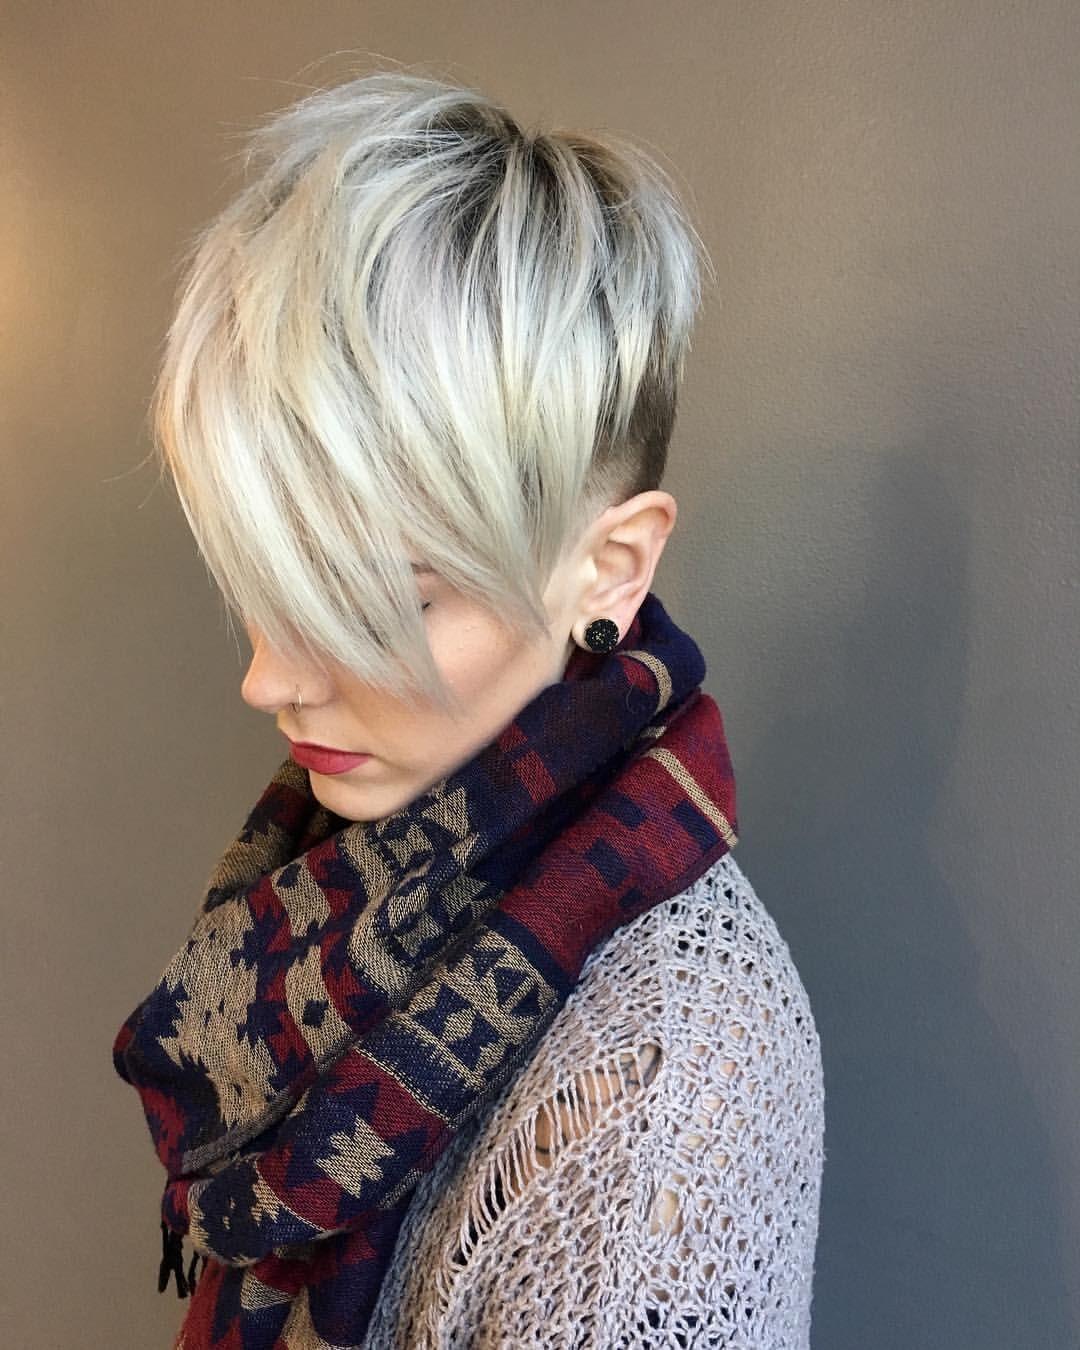 Bymaggiekime hair cut pinterest short hair shorts and pixies